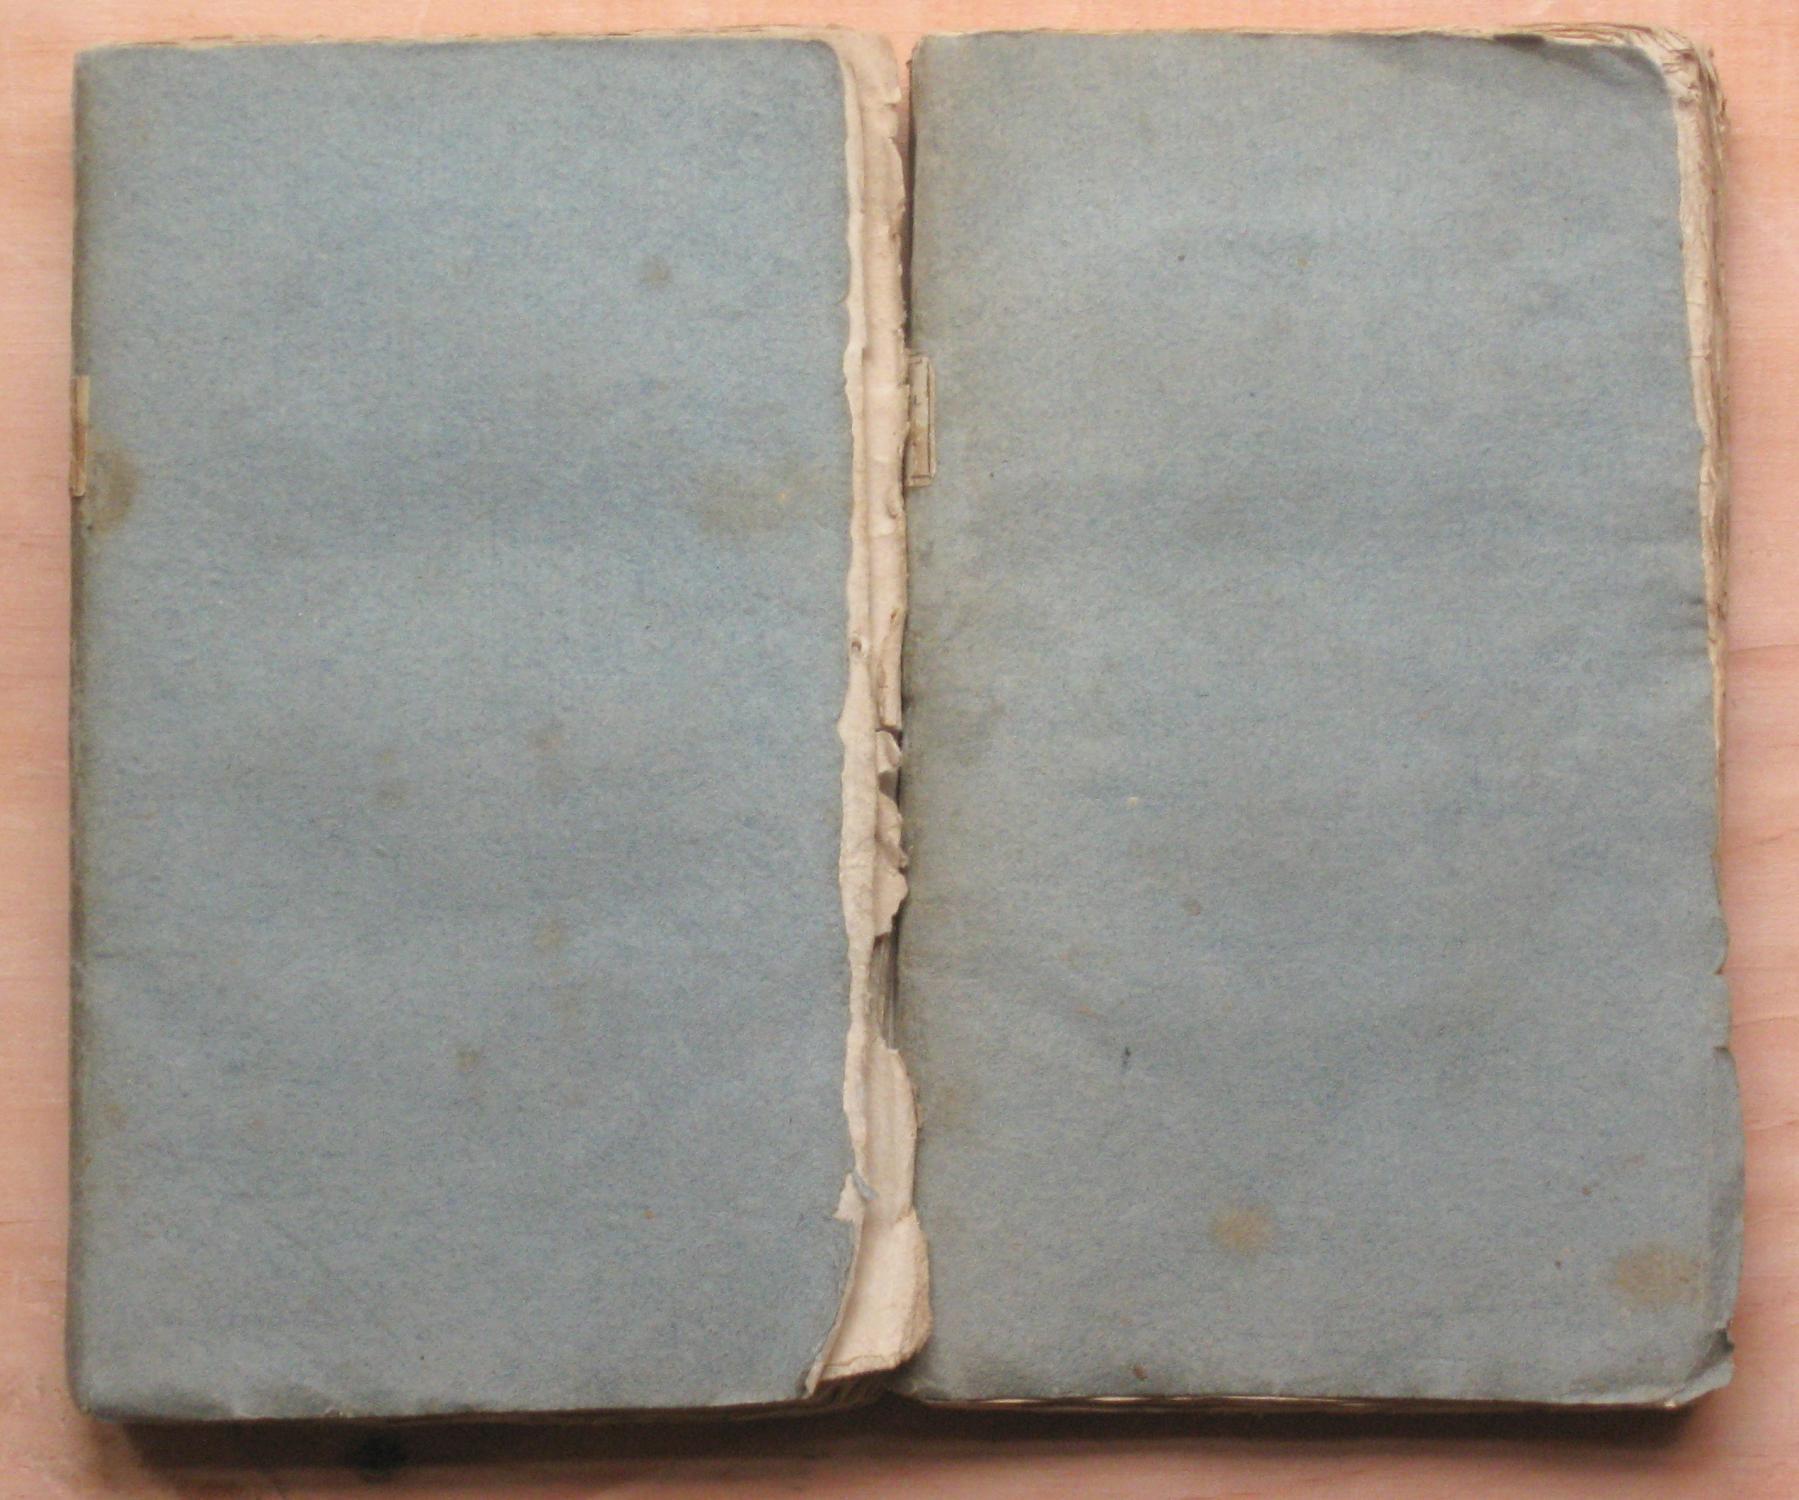 Lorgnette Philosophique, Trouvée par un R. P. Capucin sous les arcades du Palais-Royal & présentée au Public (deux volumes auxquels on joint l'Épitre